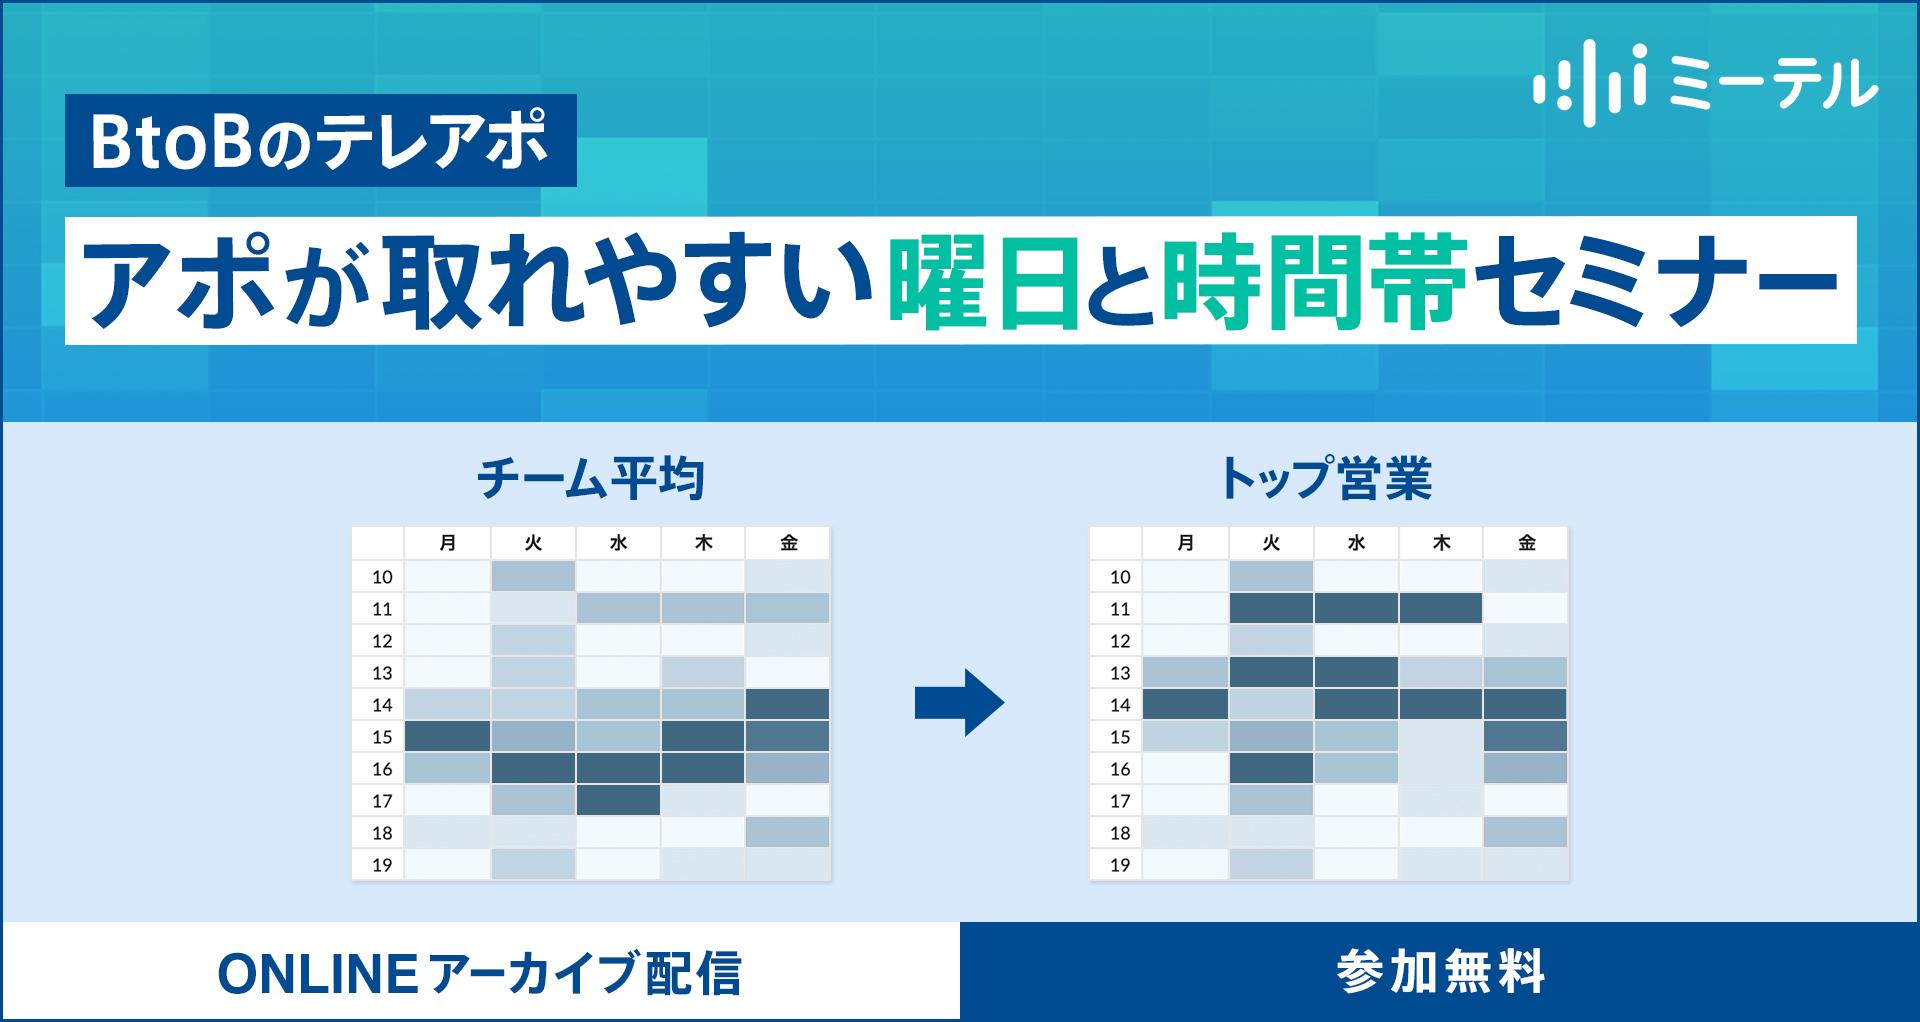 mail_banner18_繧「繝シ繧ォ繧、繝輔y